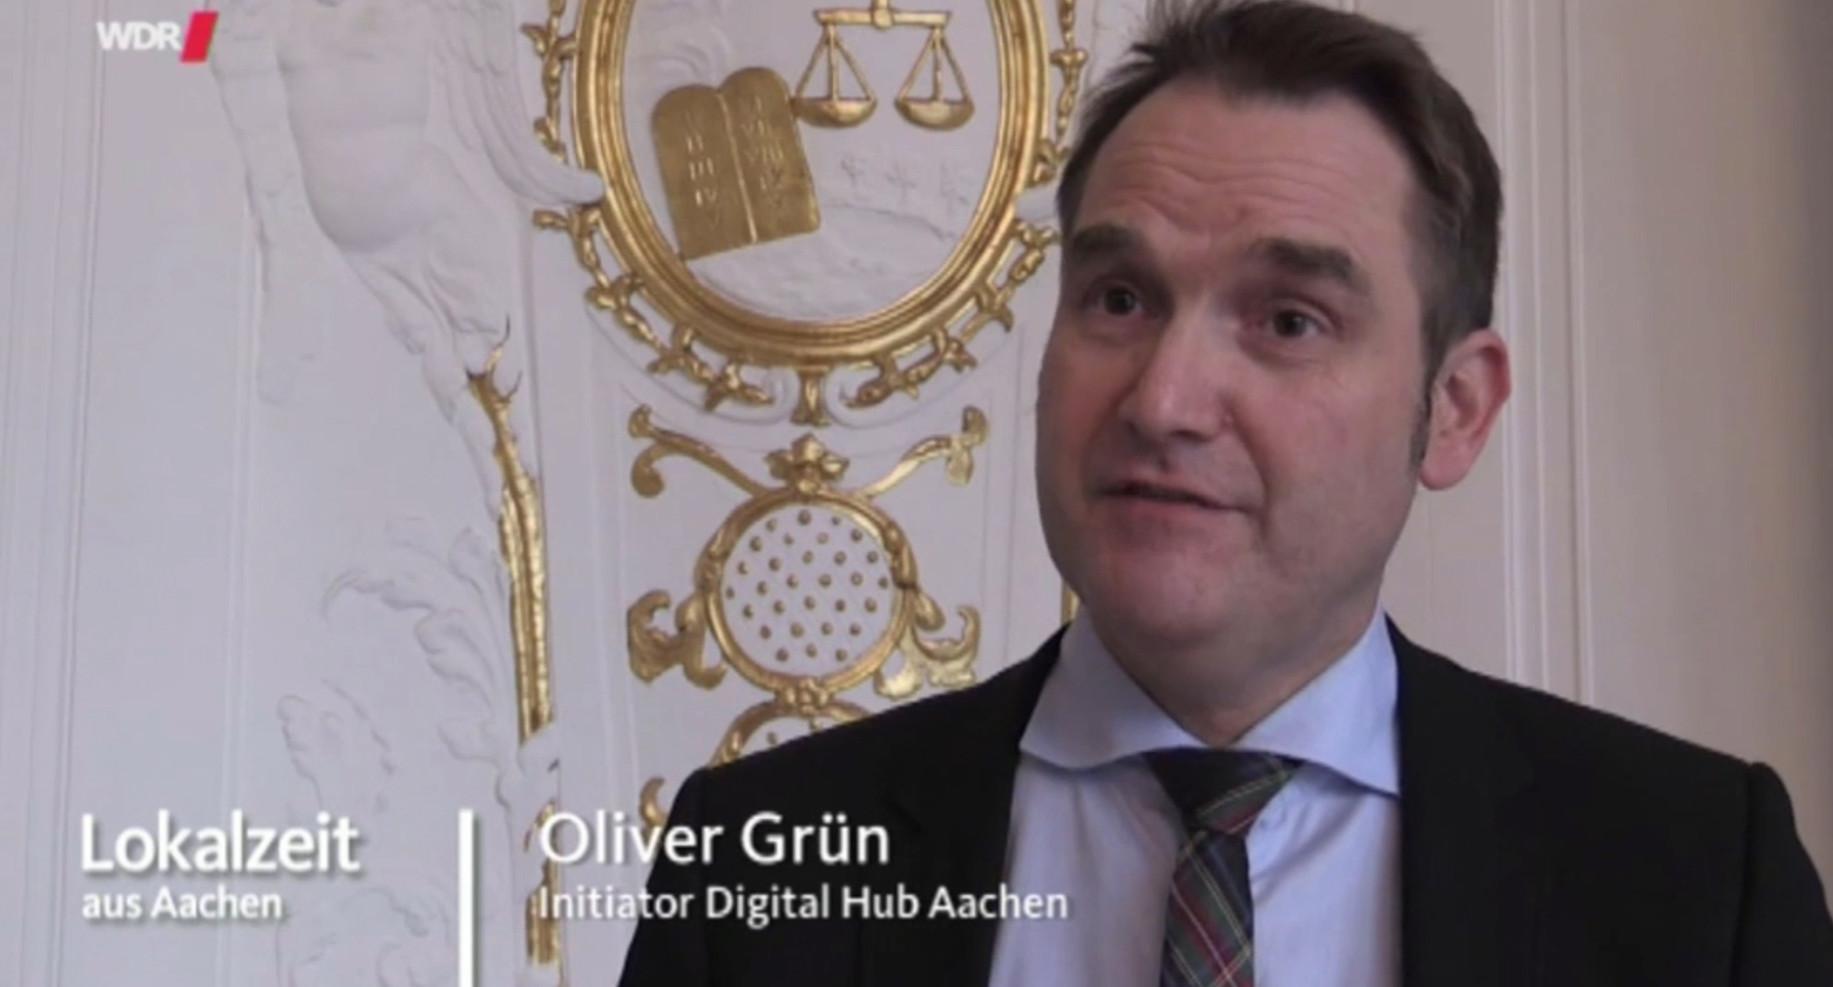 GRÜN Software AG als Initiator für einen Digital Hub in Aachen